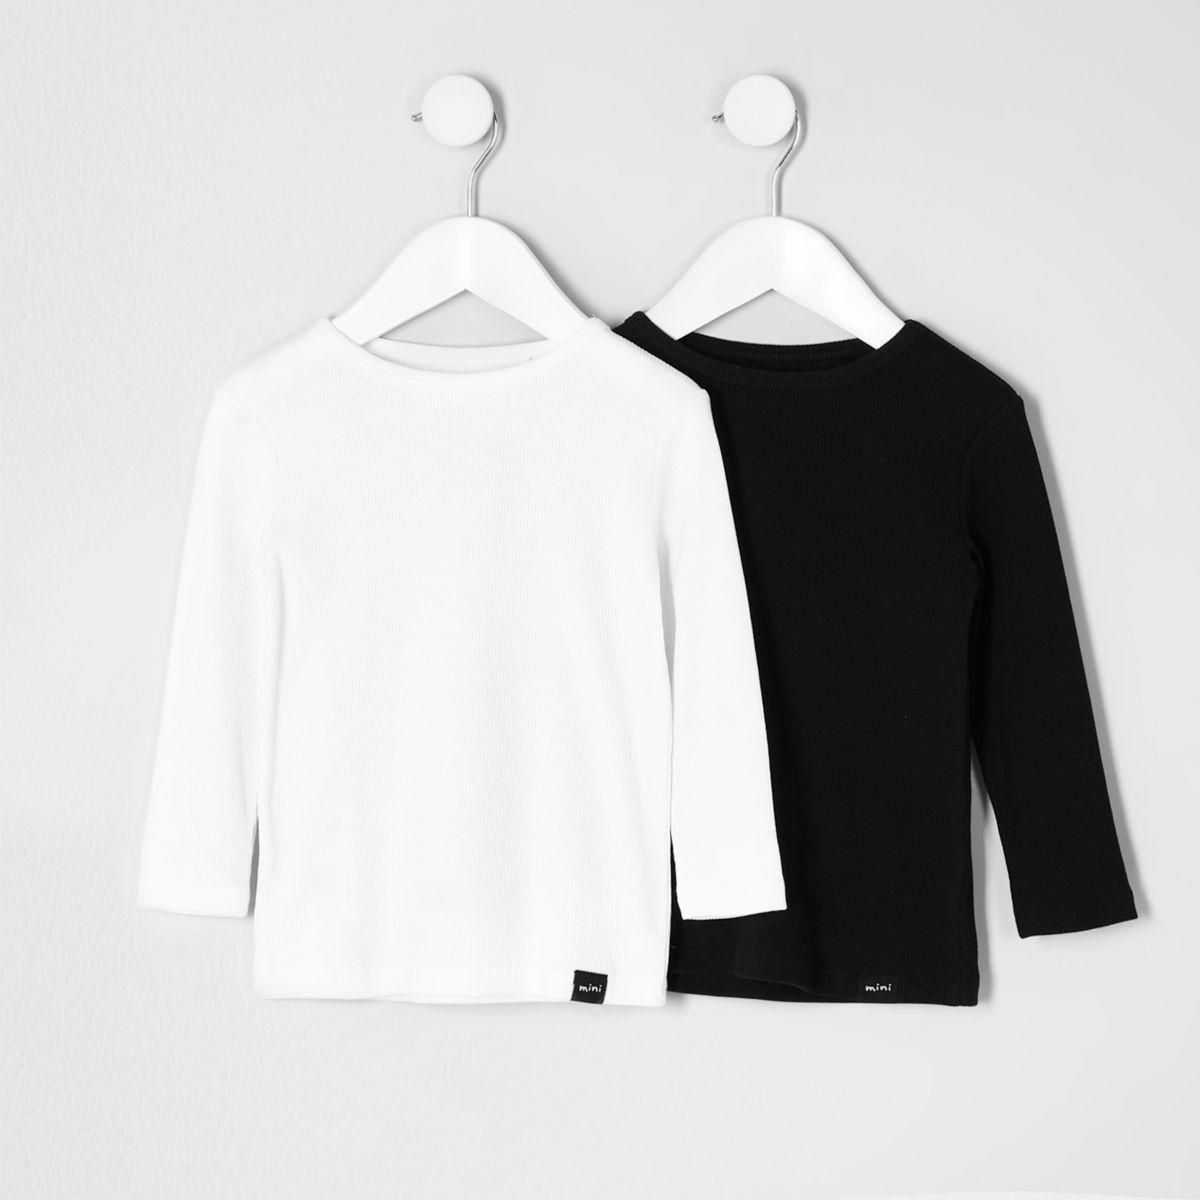 Mini boys black and white T-shirt multipack